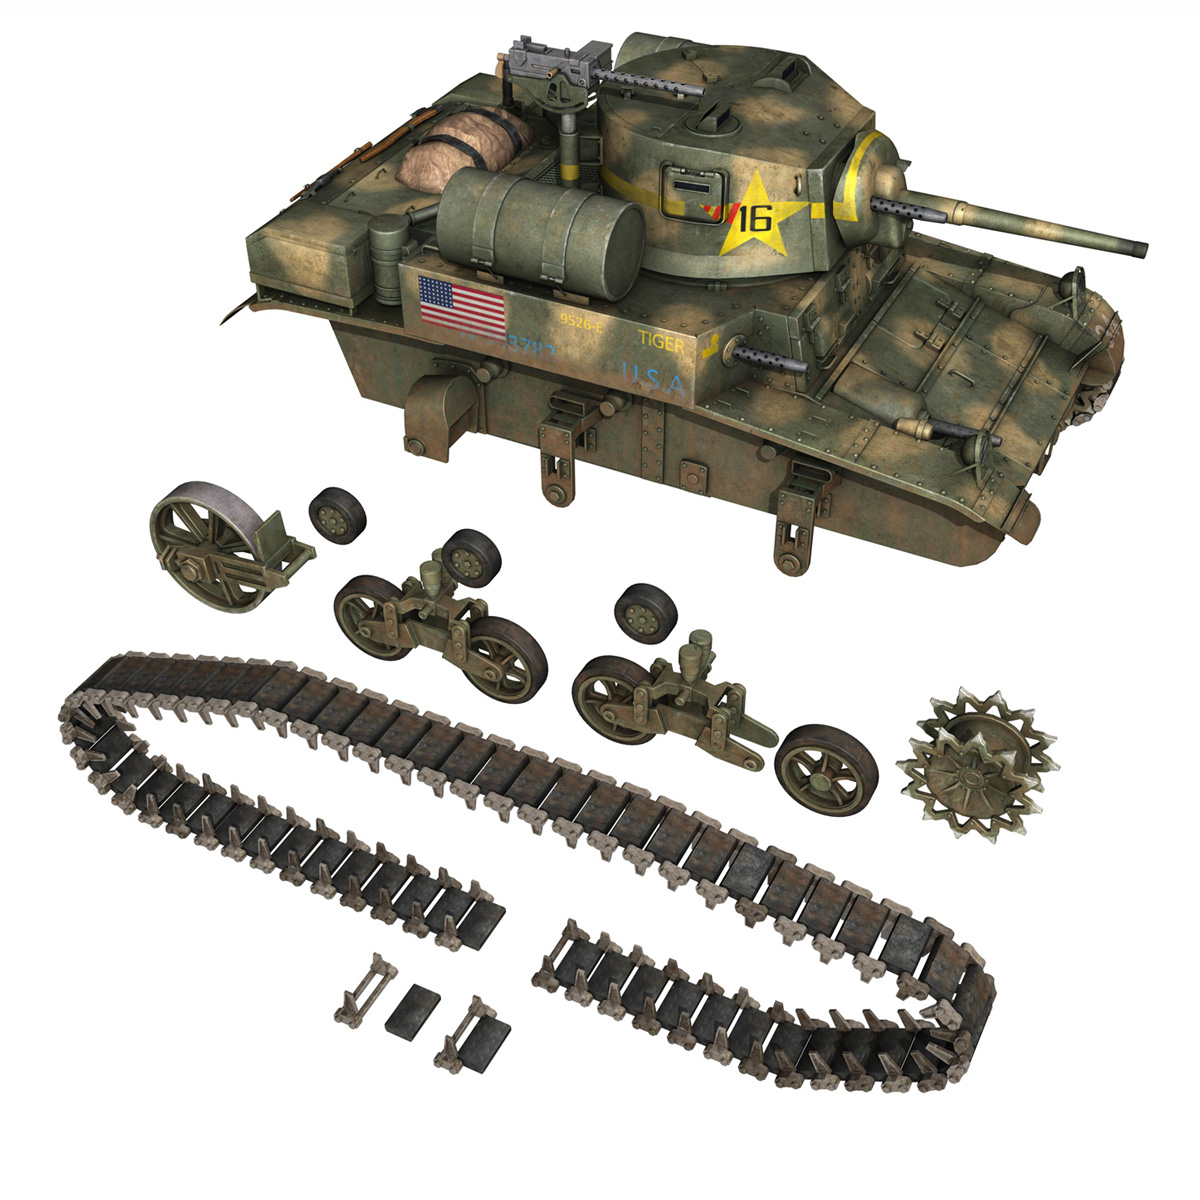 m3a1 light tank stuart – tiger 3d model 3ds c4d fbx lwo lw lws obj 265642